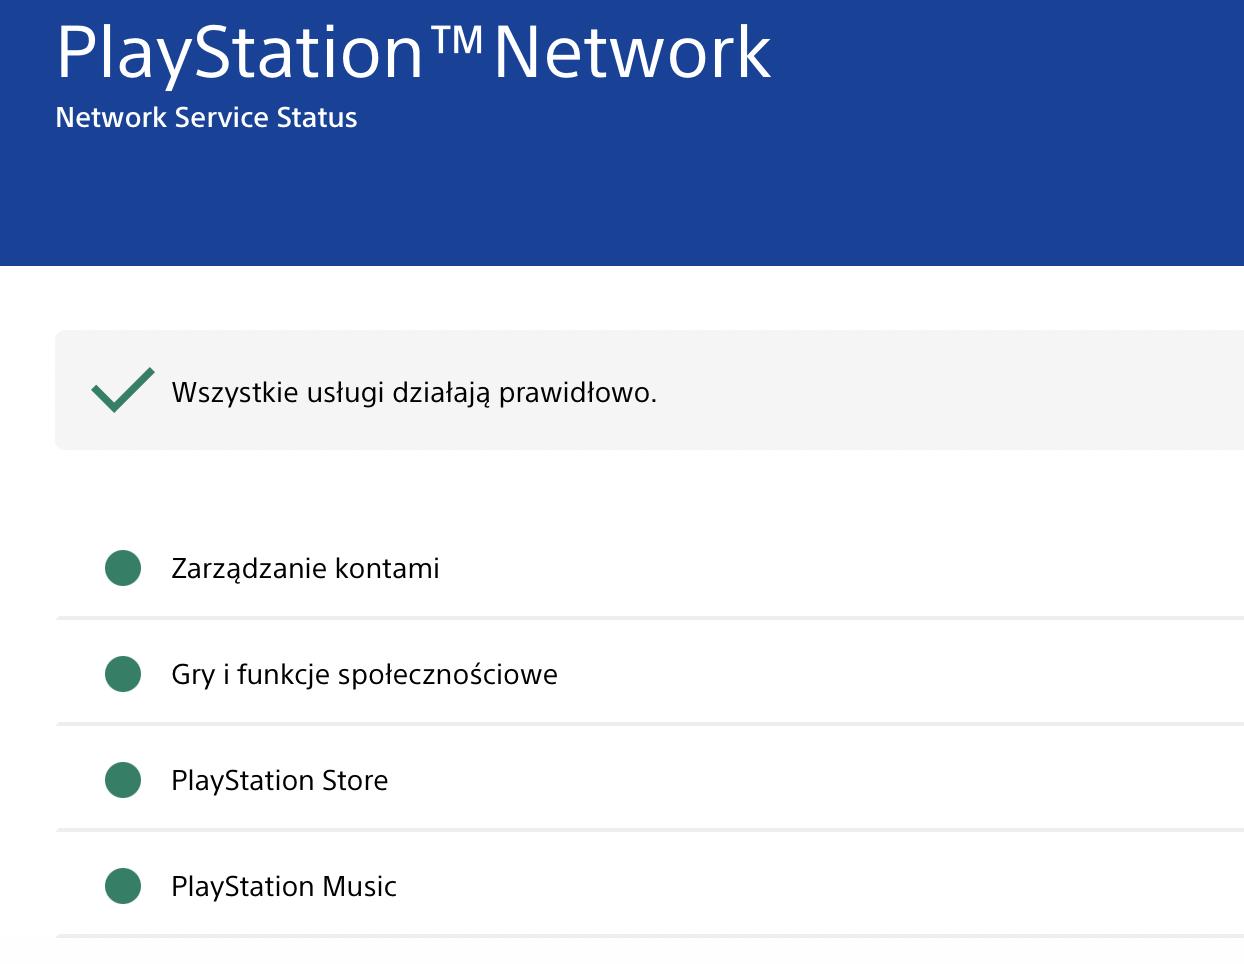 Jeśli masz jakiekolwiek problemy z usługami online lub grami dla wielu graczy, nie panikuj, ale najpierw sprawdź stan usługi PSN.